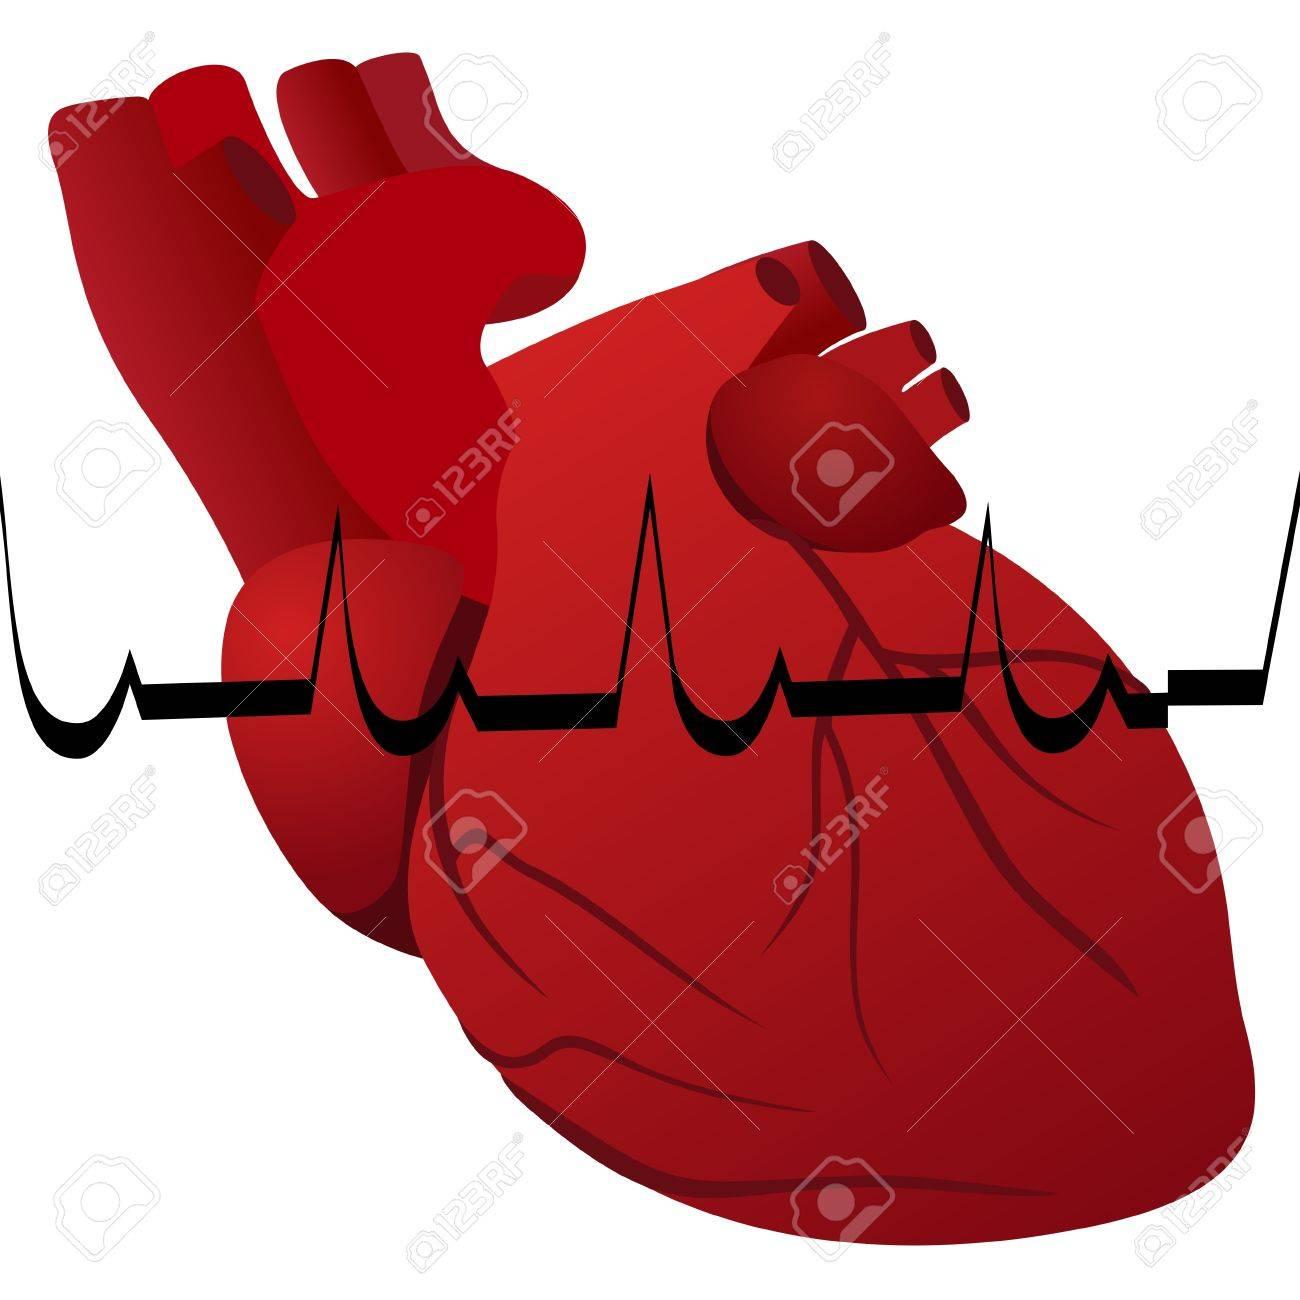 Das Menschliche Herz Und Kardiogramm Myokardinfarkt. Die Abbildung ...